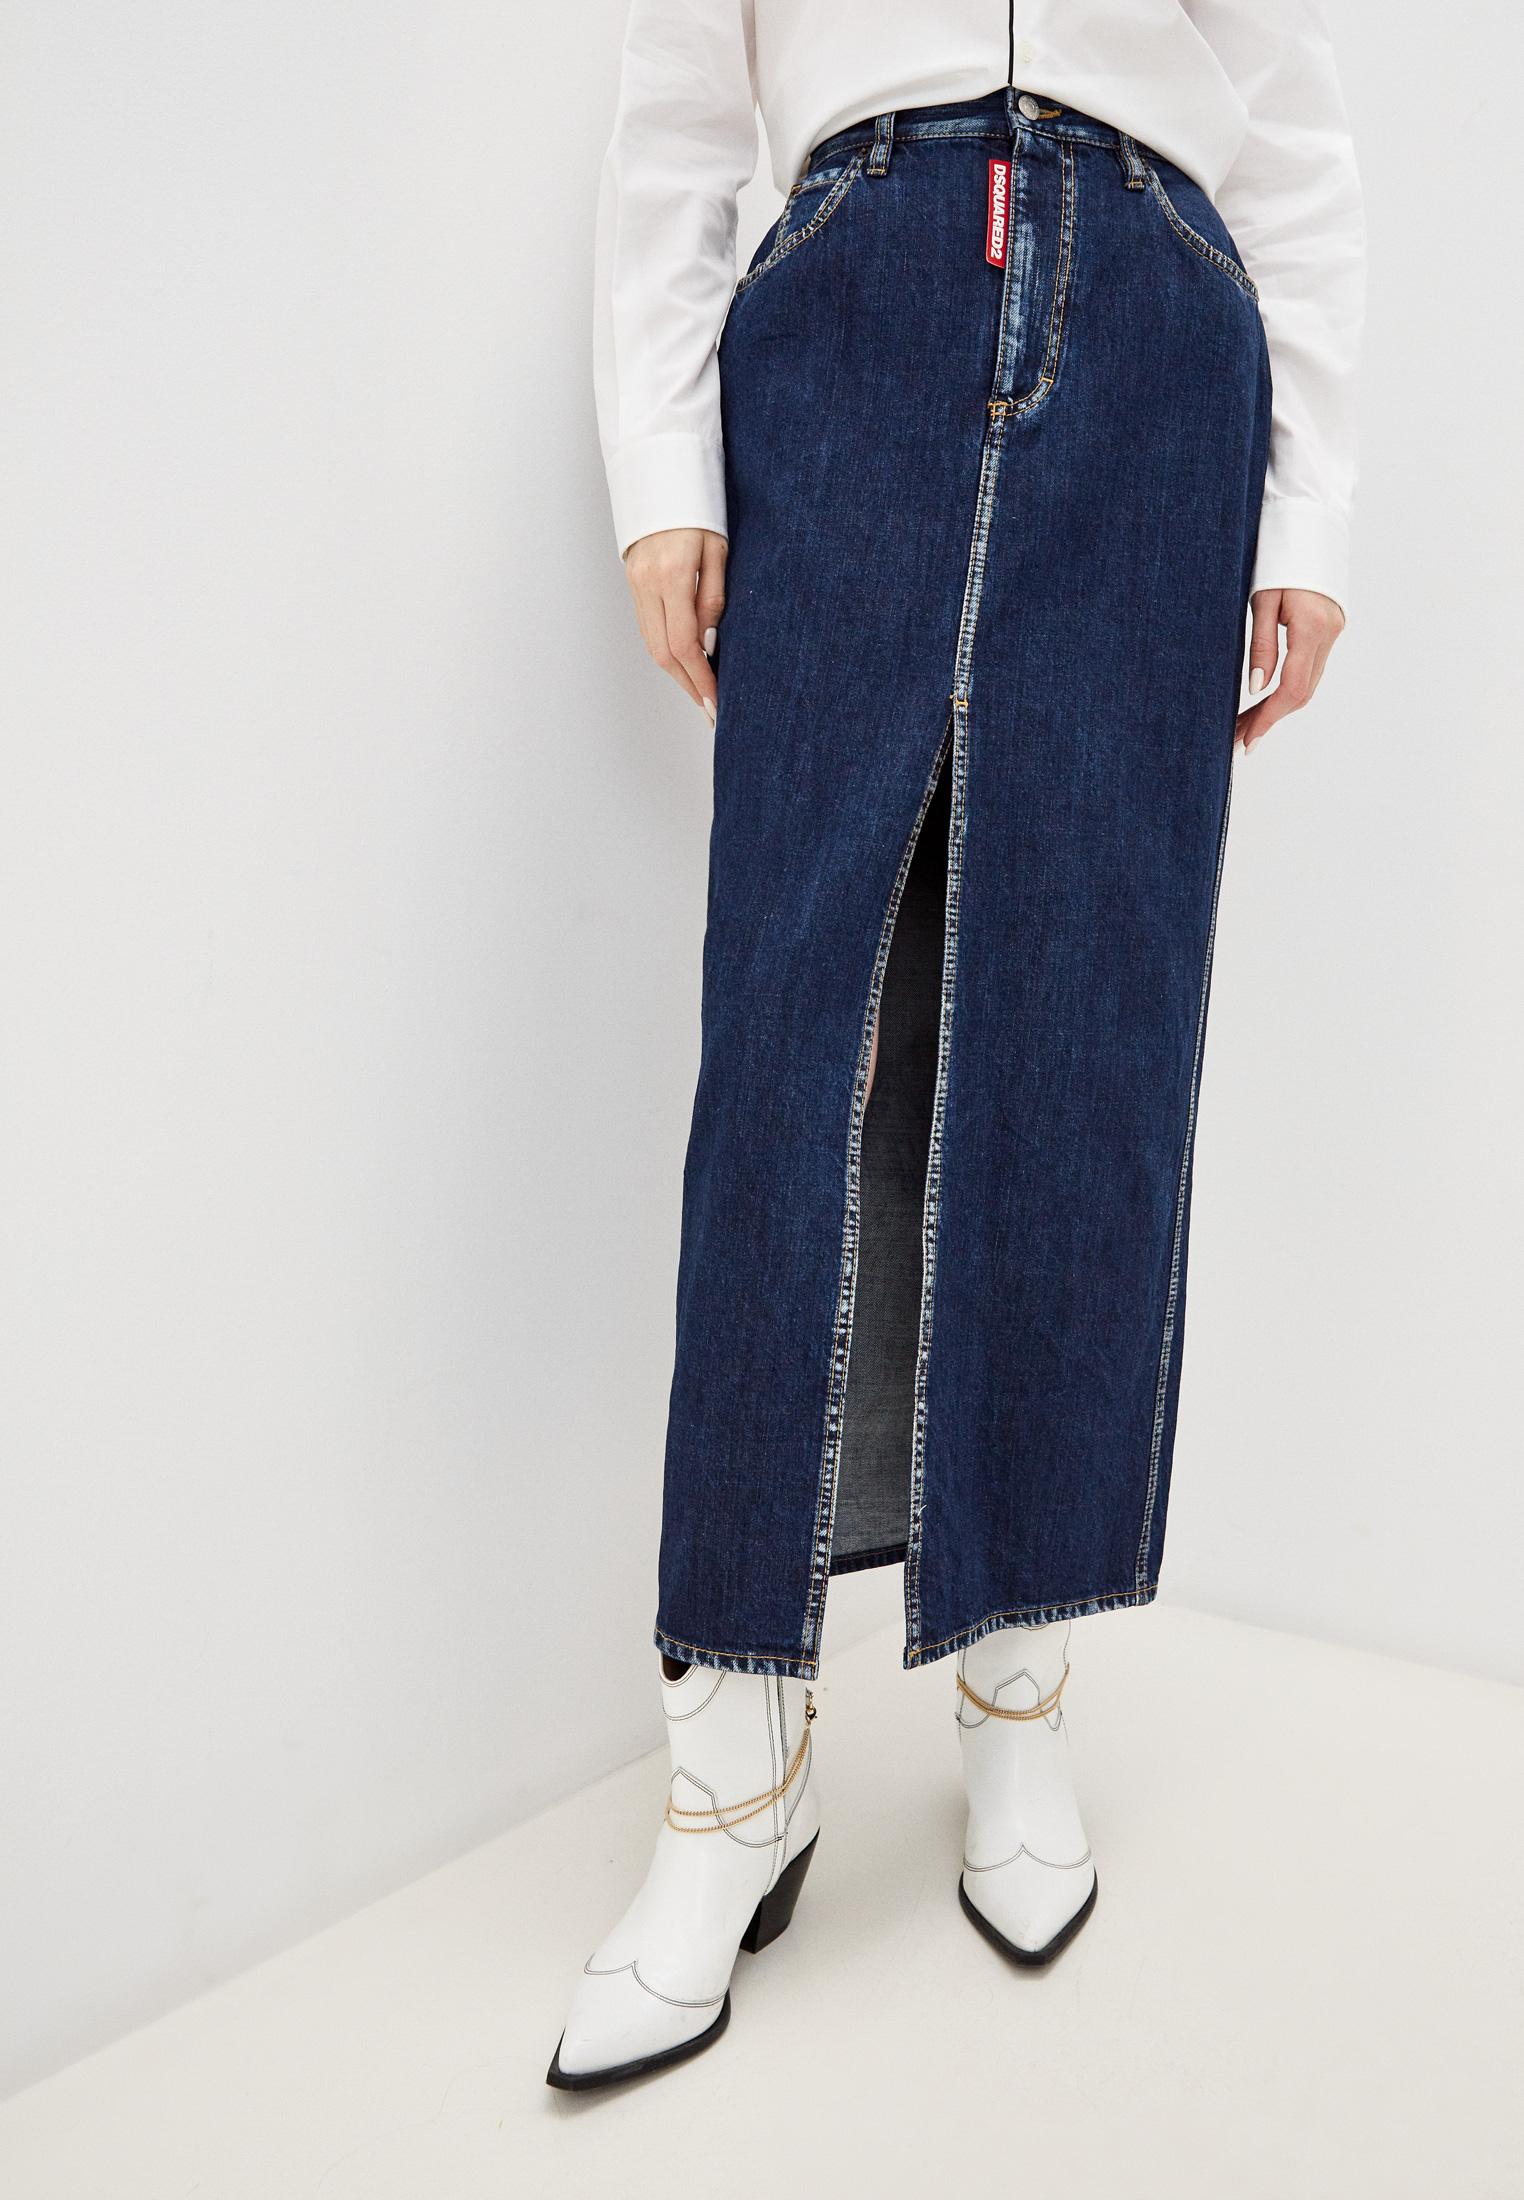 Джинсовая юбка Dsquared2 Юбка джинсовая Dsquared2